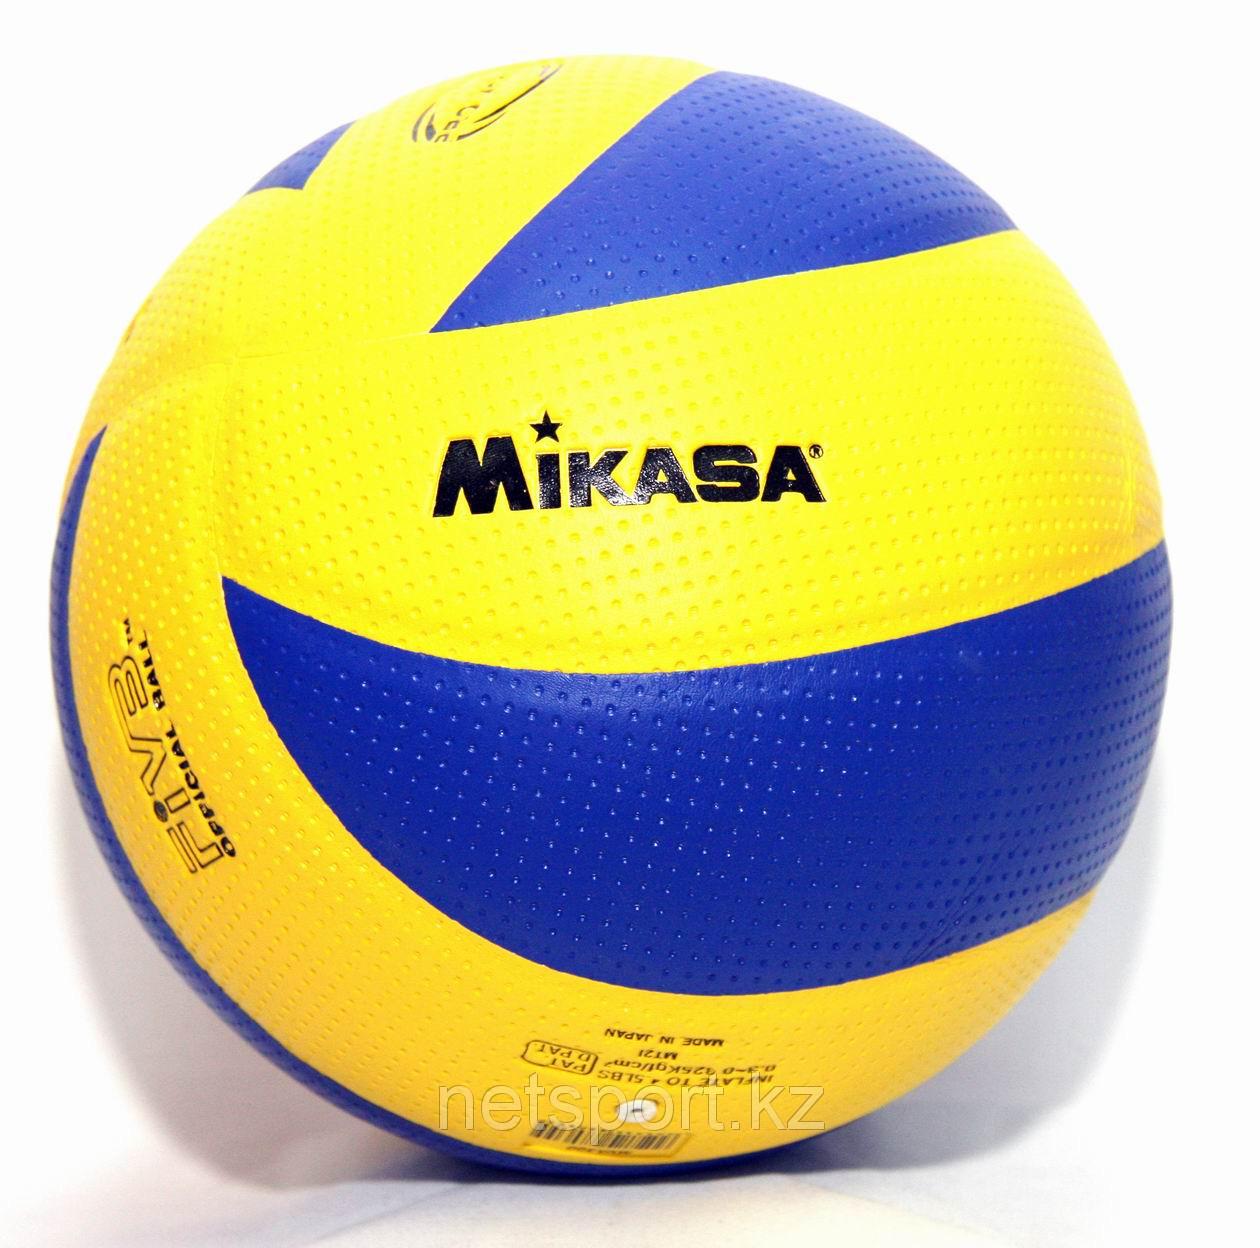 Волейбольный мяч Mikasa original 300